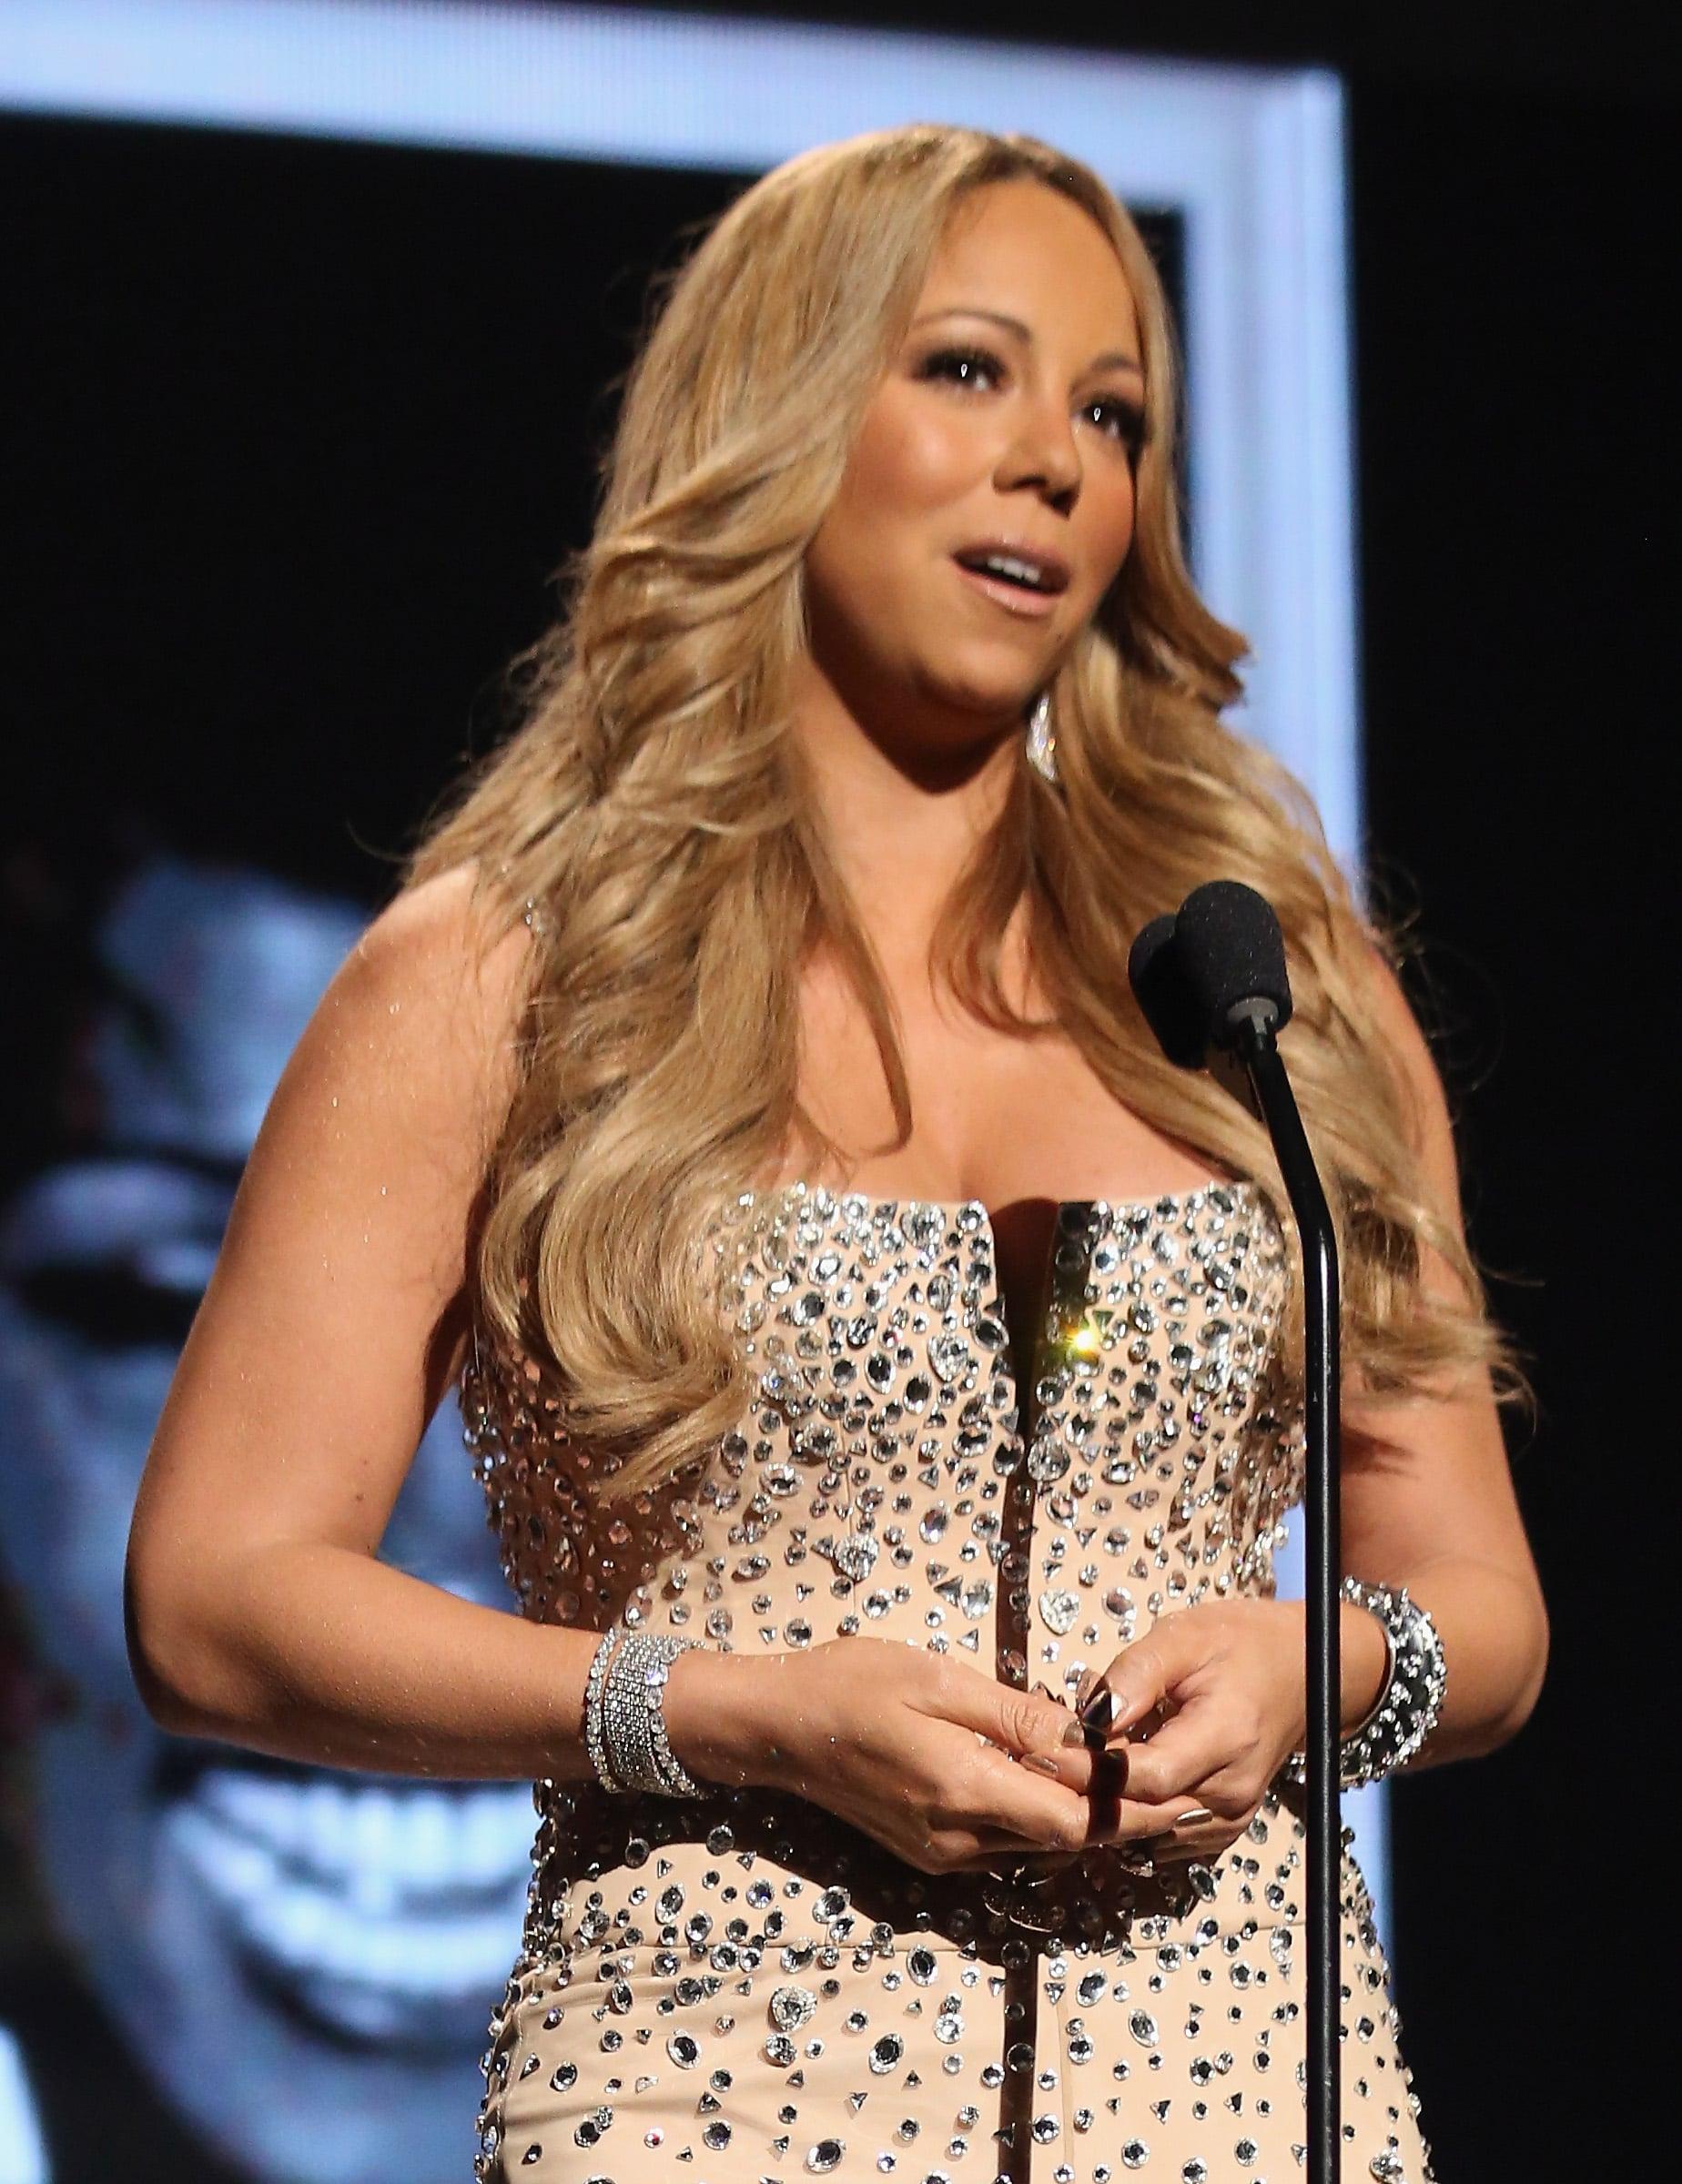 Mariah carey on bet awards ufc 192 betting lines